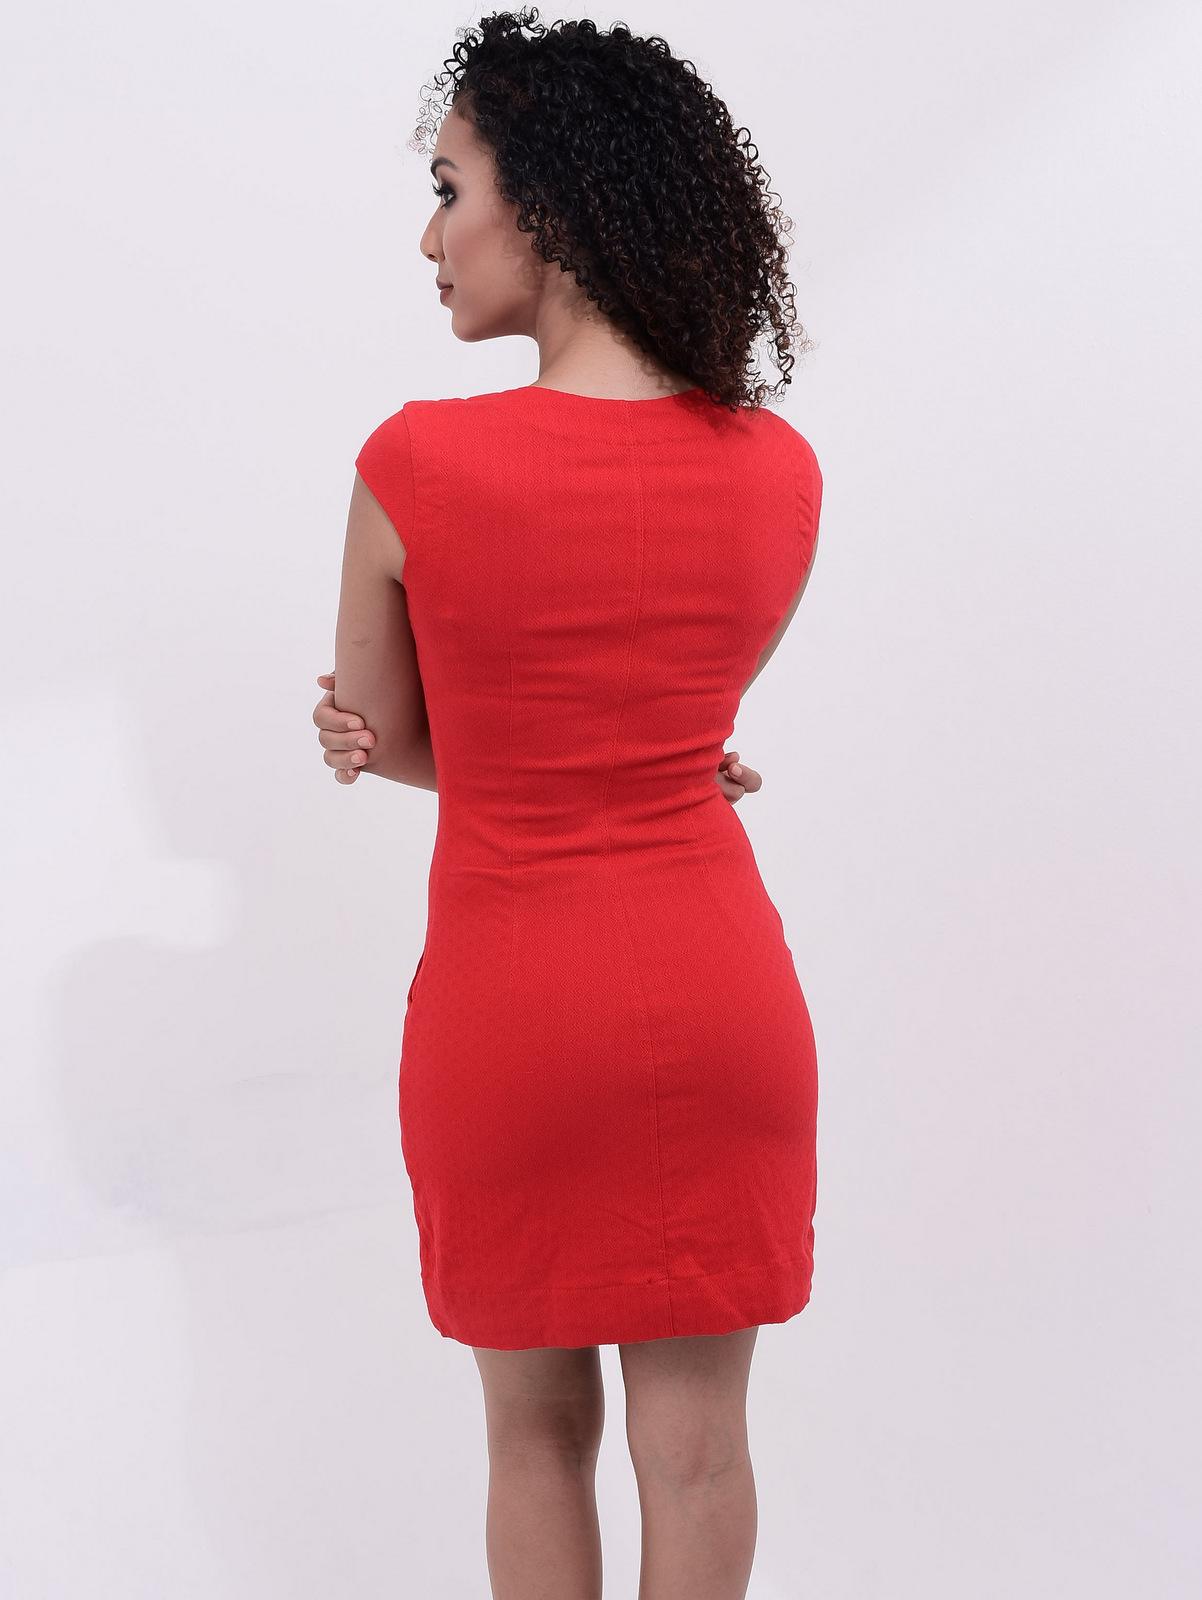 modelo de vestido vermelho tubinho